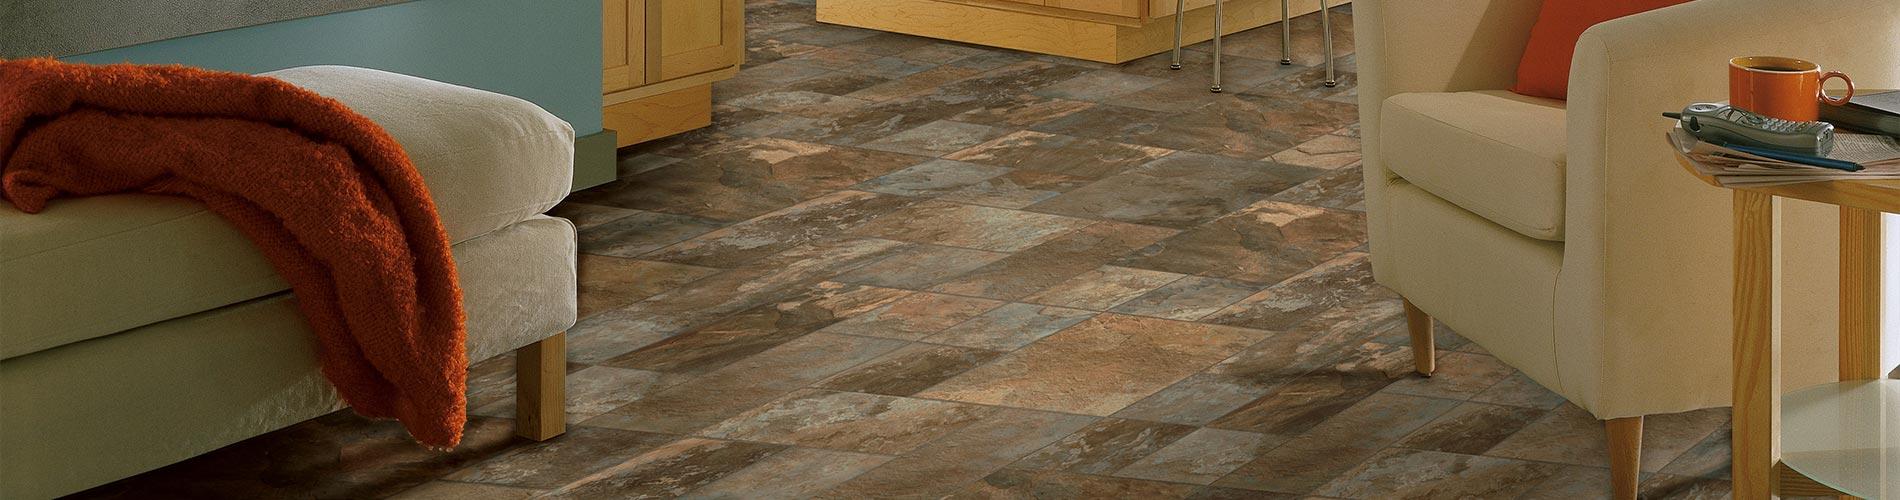 Luxury Vinyl flooring at Watson's Floor Coverings in San Carlos, CA